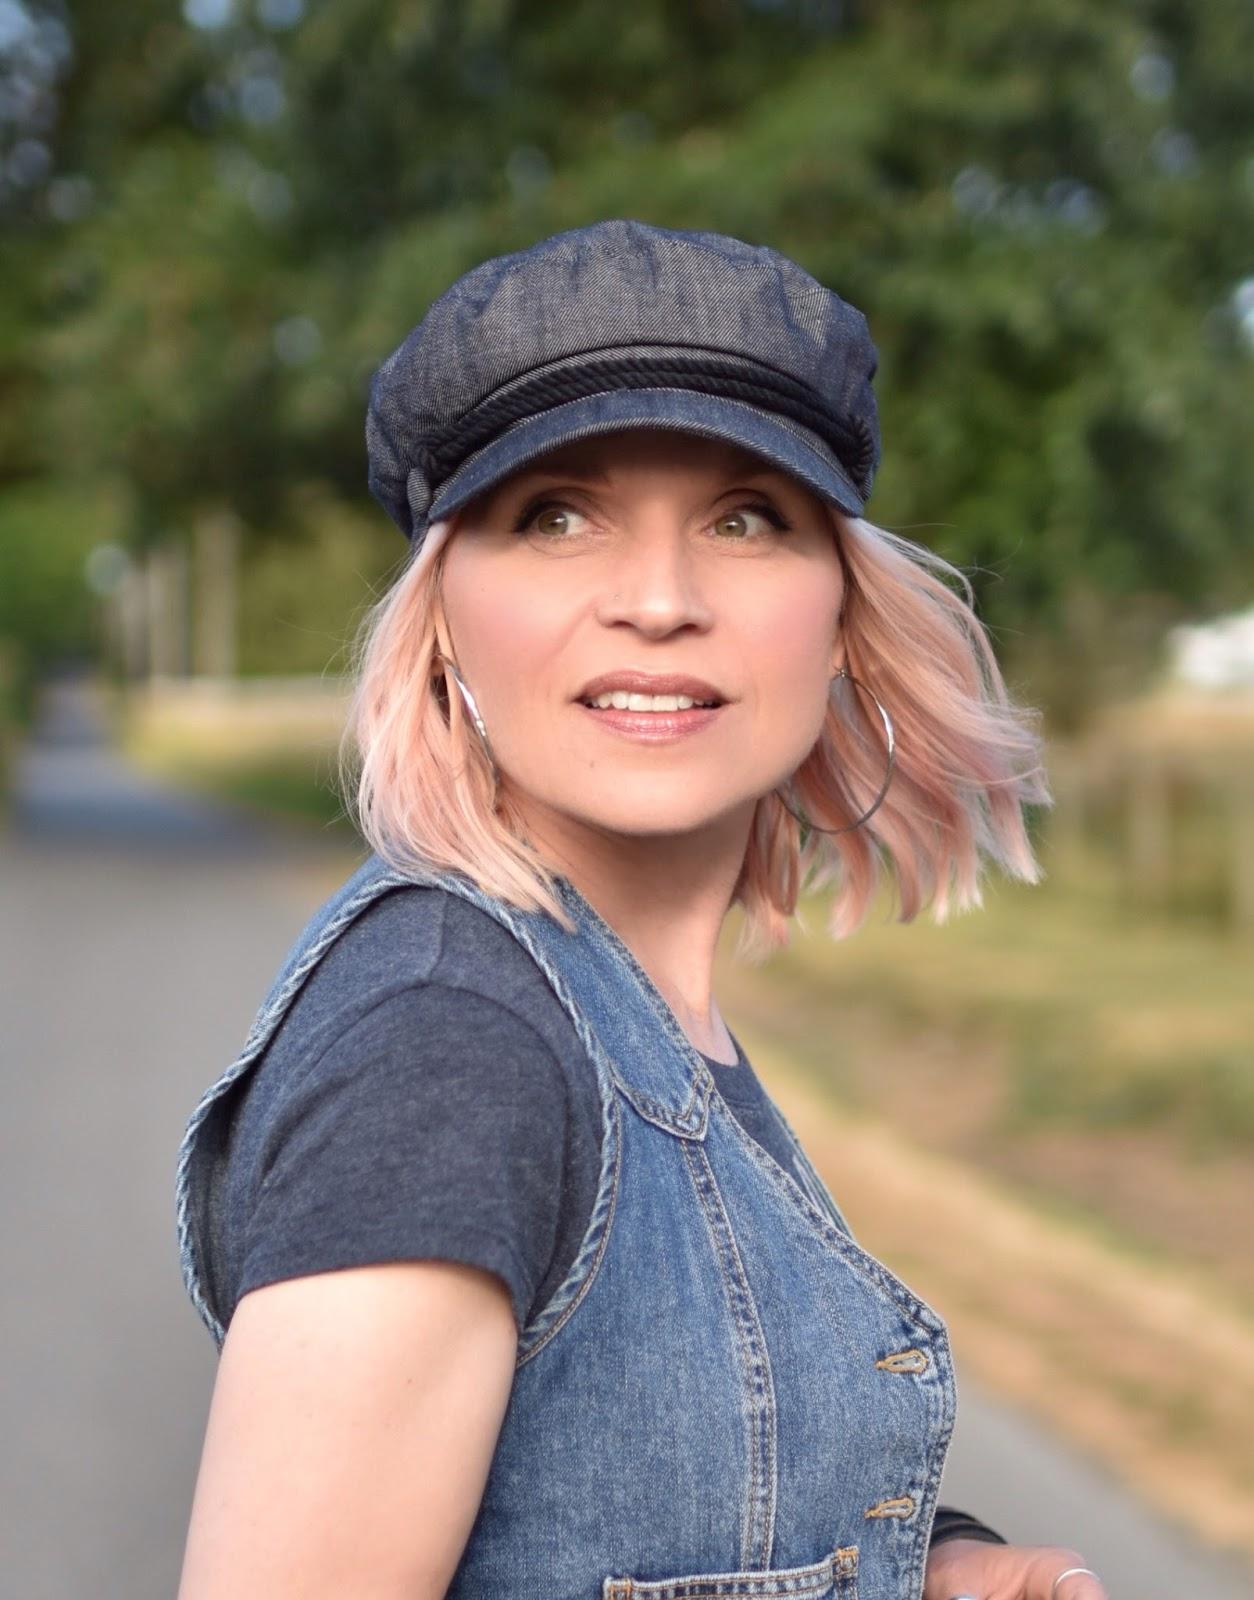 Monika Faulkner personal style inspiration - denim vest, baker boy cap